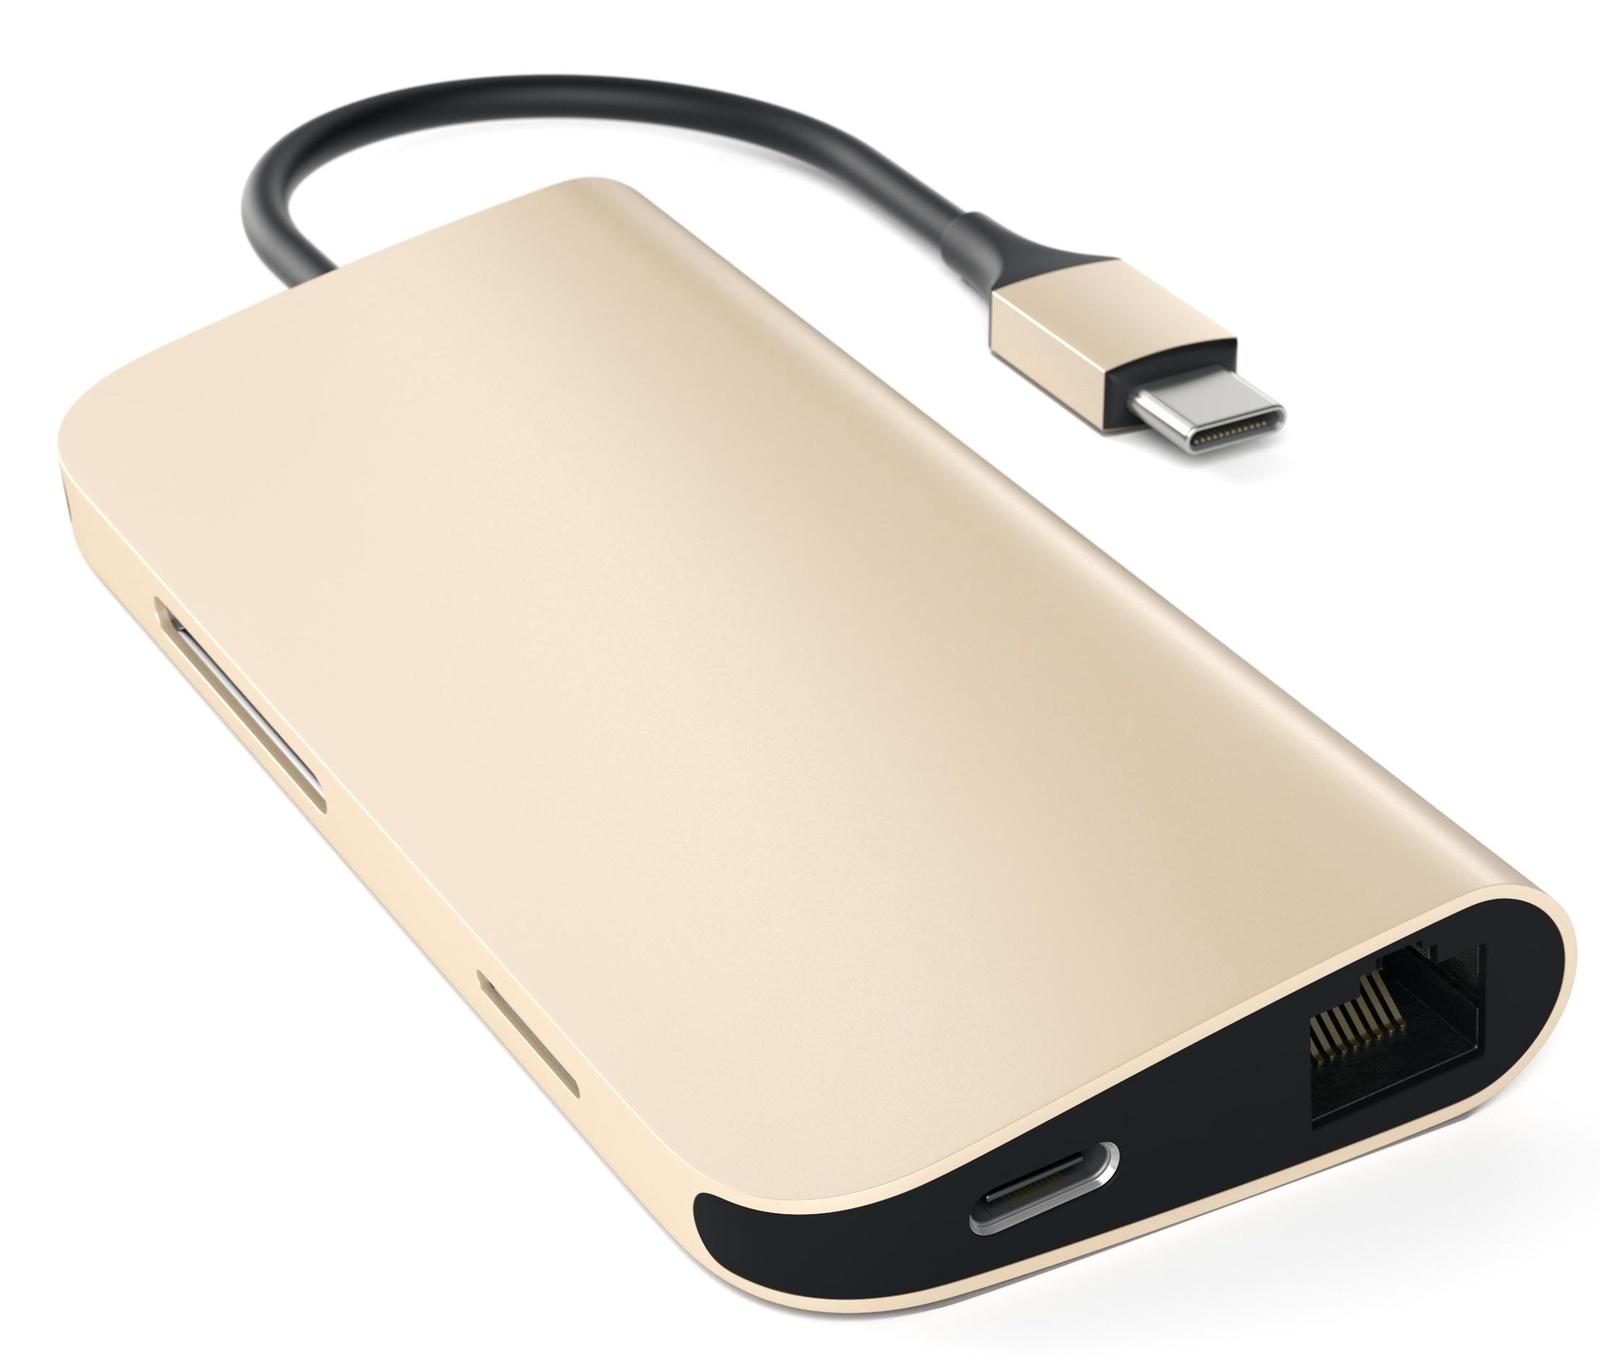 Переходник Satechi Aluminum Type-C Multi-Port Adapter (4K HDMI, сквозной порт питания) золотой satechi st cmas silver концентратор type c multi port adapter